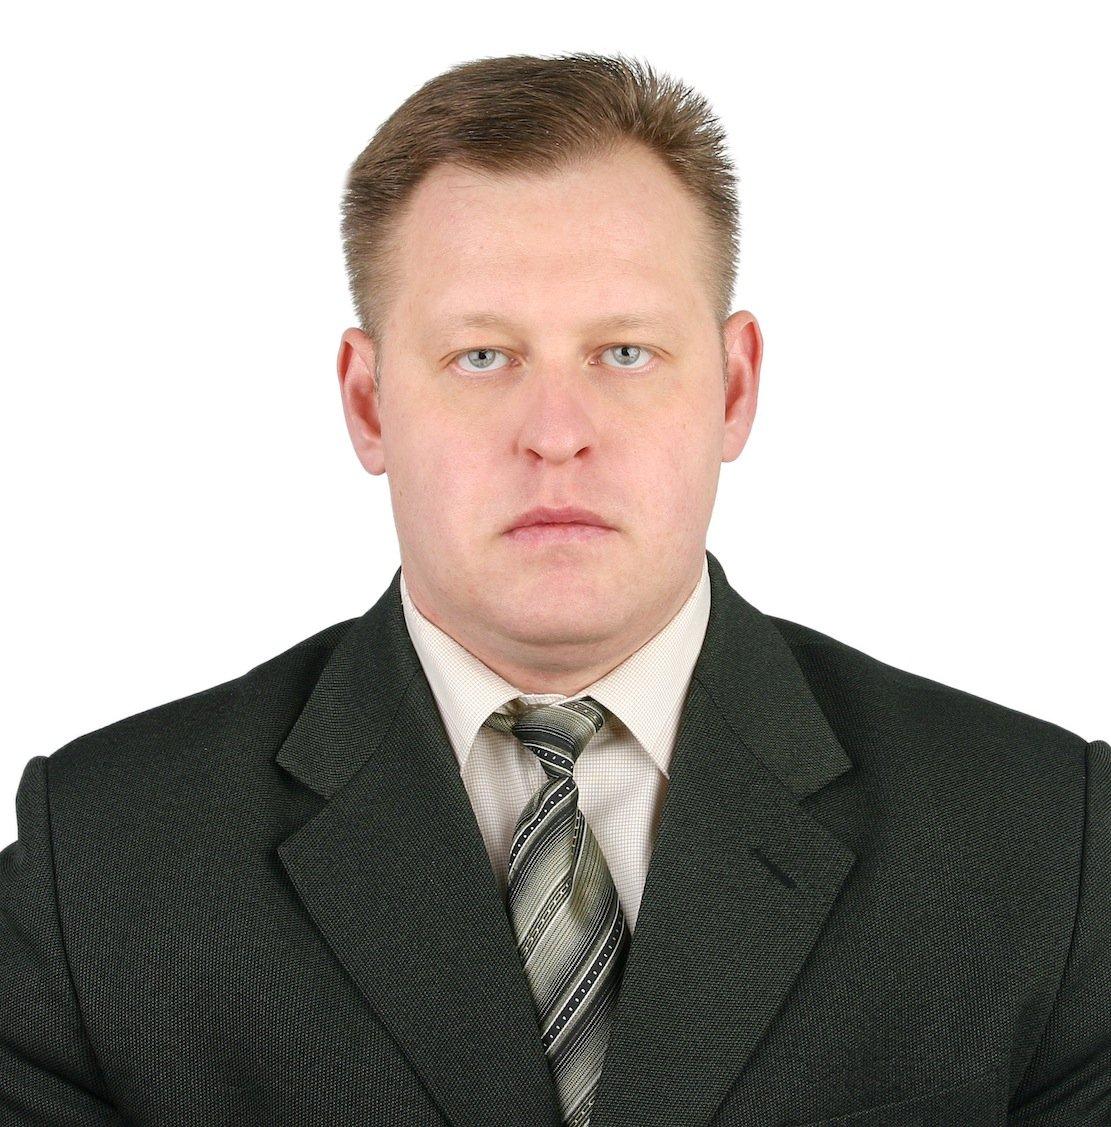 Atomexperte Alexander Pavlyuk der russischen Atomenergiebehörde Rosatom.